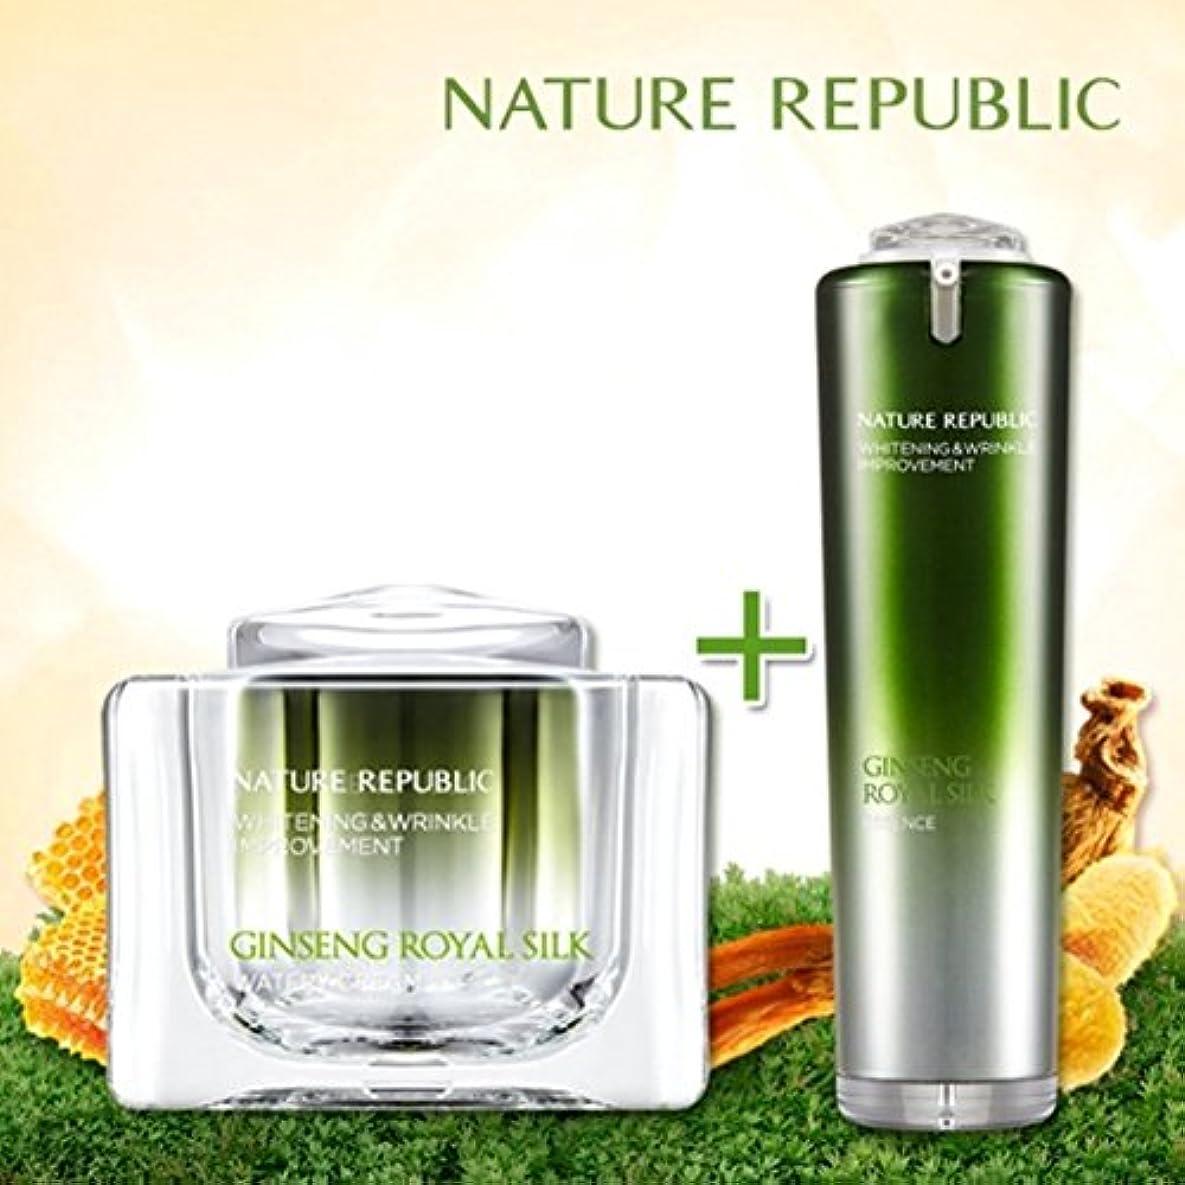 配る不適当飢饉NATURE REPUBLIC/高麗人参ロイヤルシルクウォーターリークリーム+エッセンス Nature Republic、Ginseng Royal silk Watery Cream+Essence(海外直送品)